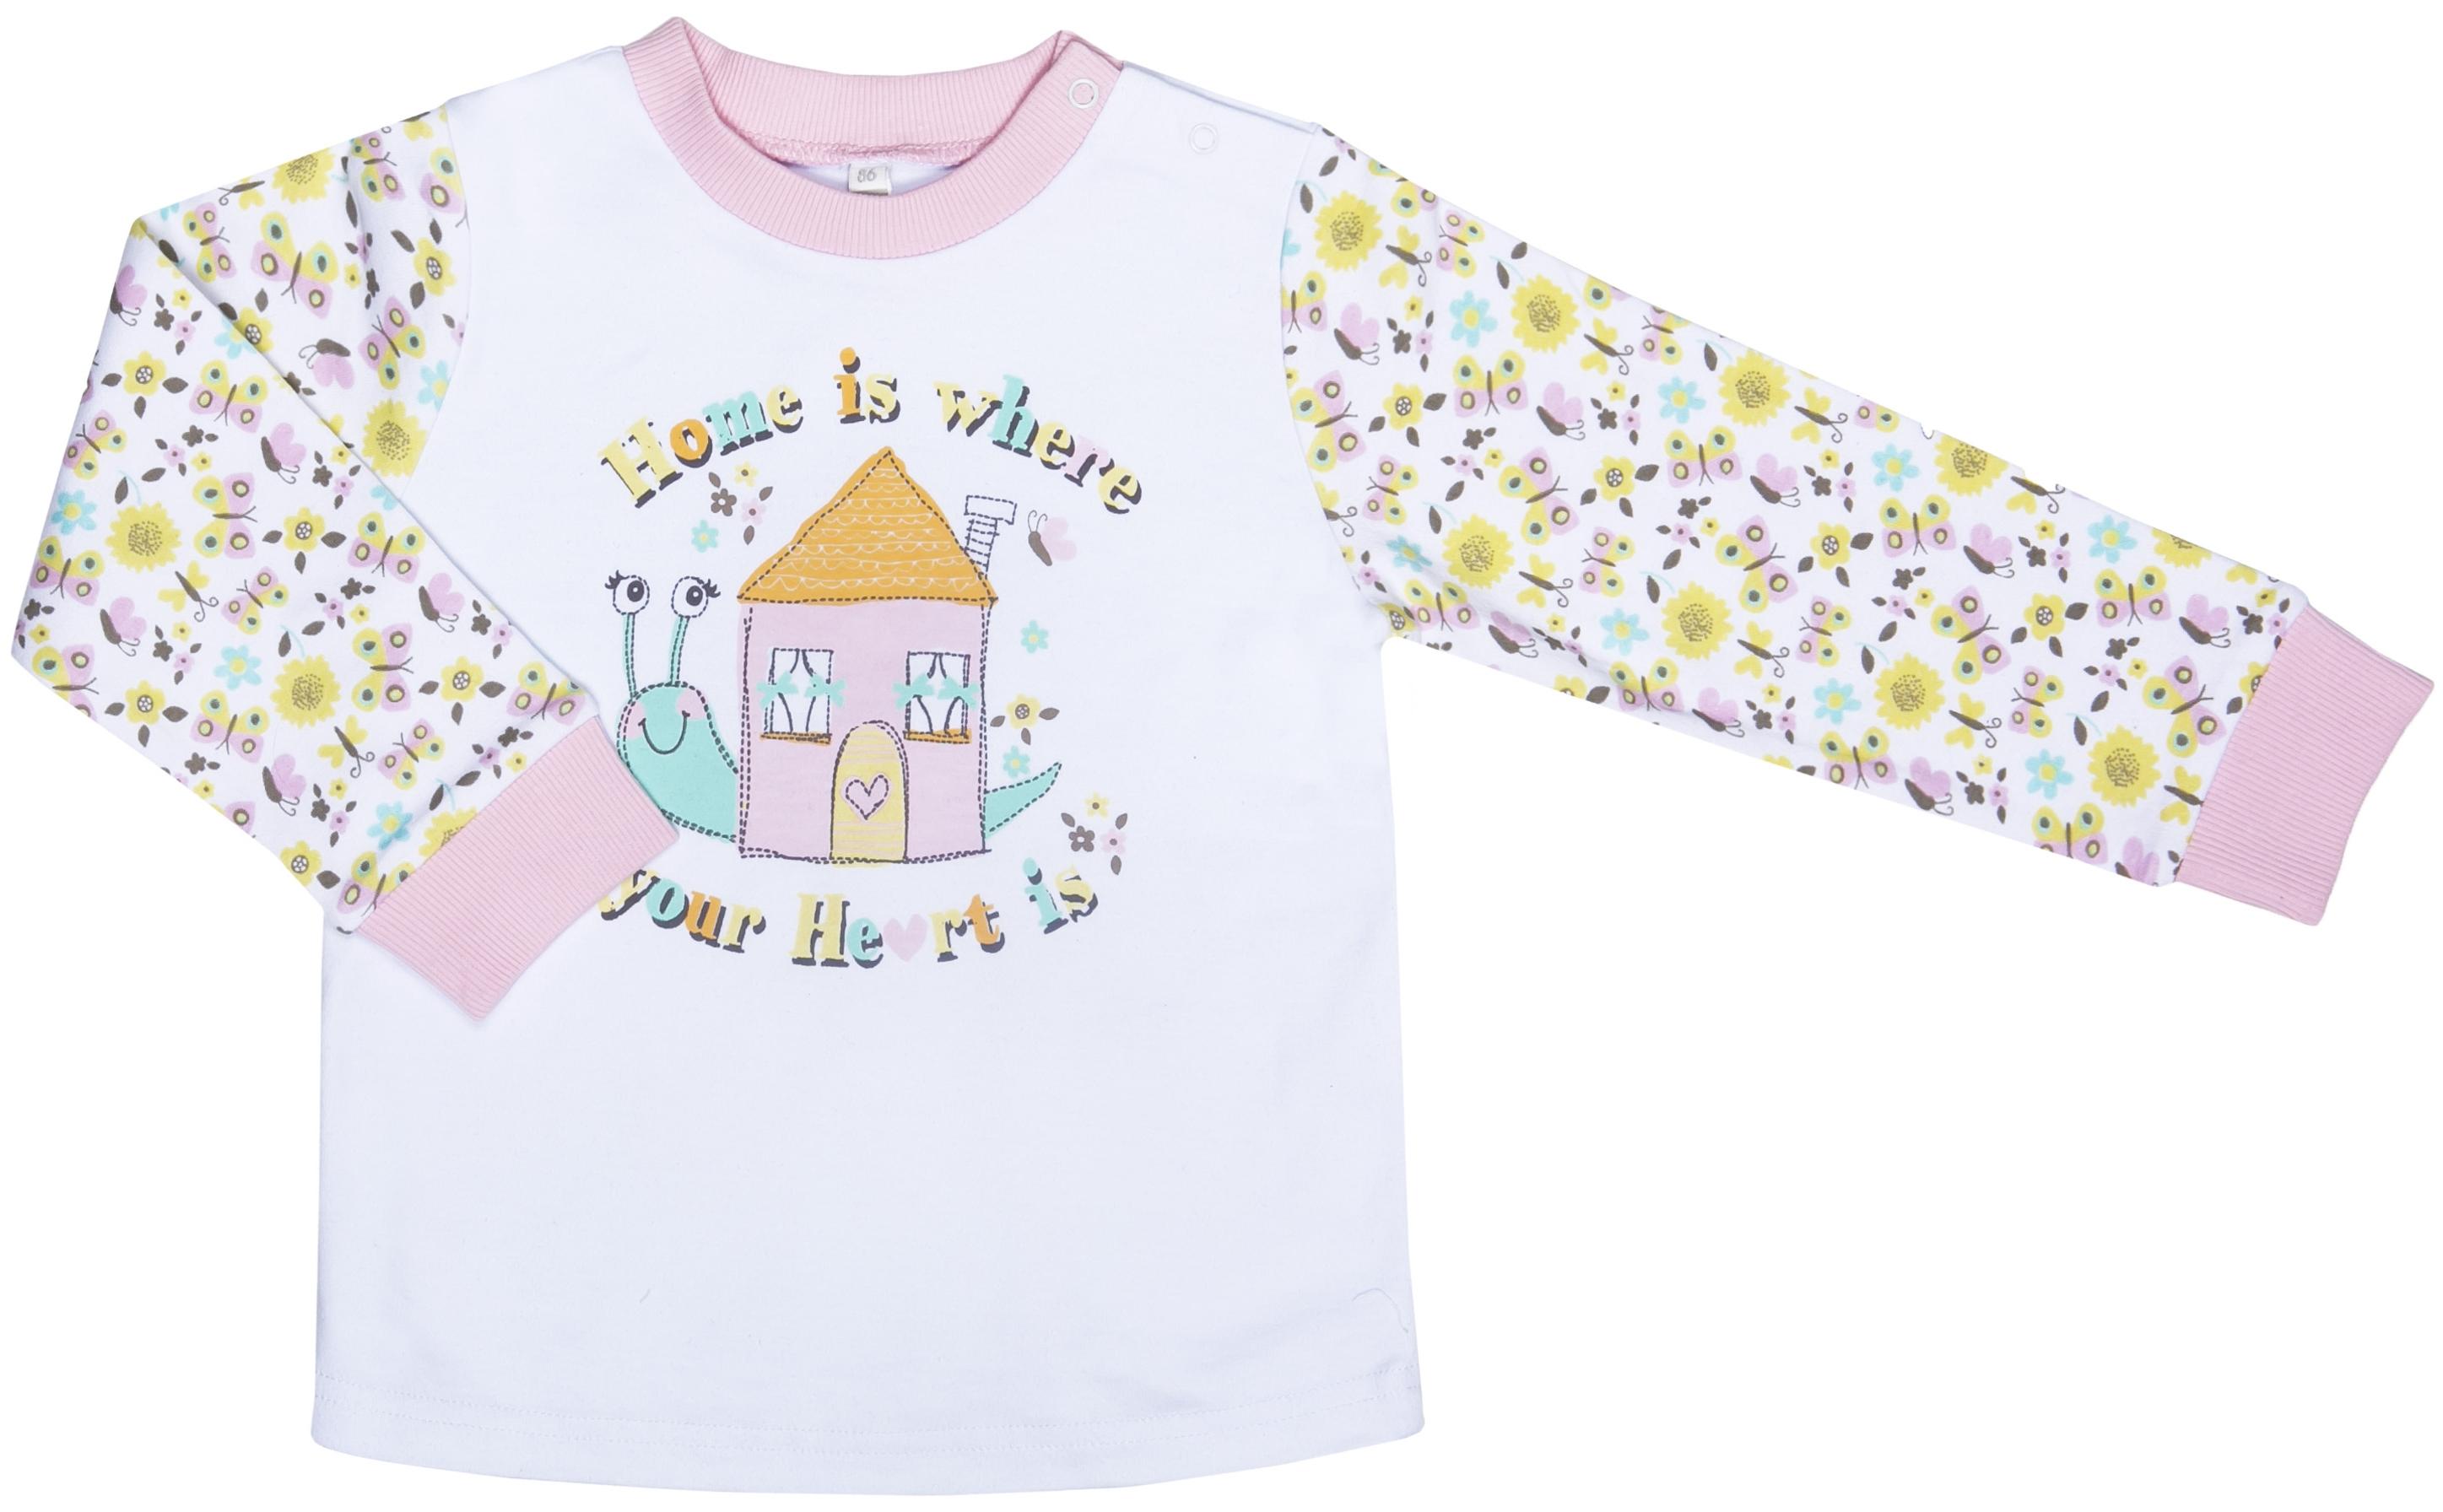 Купить Пижама для девочки, Любимый сад, 1шт., Barkito S17G1001U, Узбекистан, верх -белый с рисунком, низ -розовый, Женский